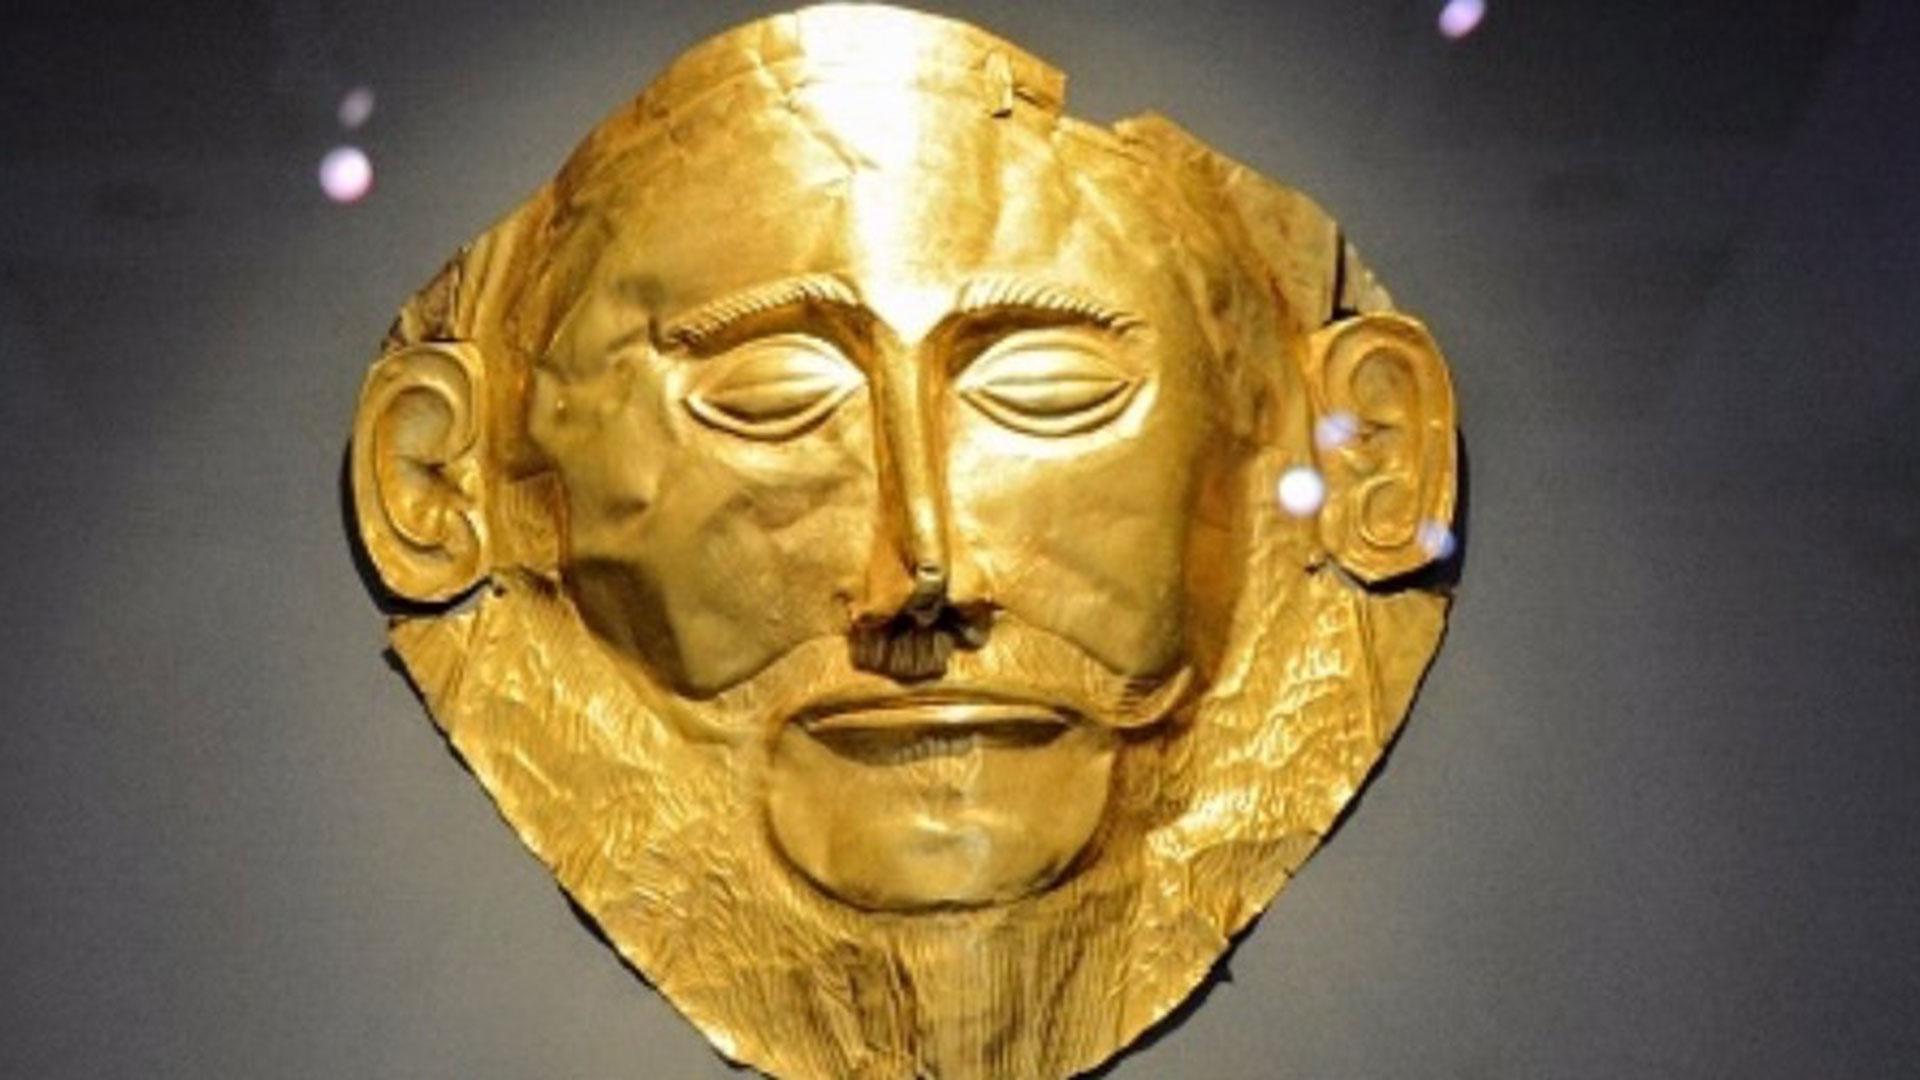 La máscara de Agamenón, uno de los hallazgos en las ruinas de Troya.